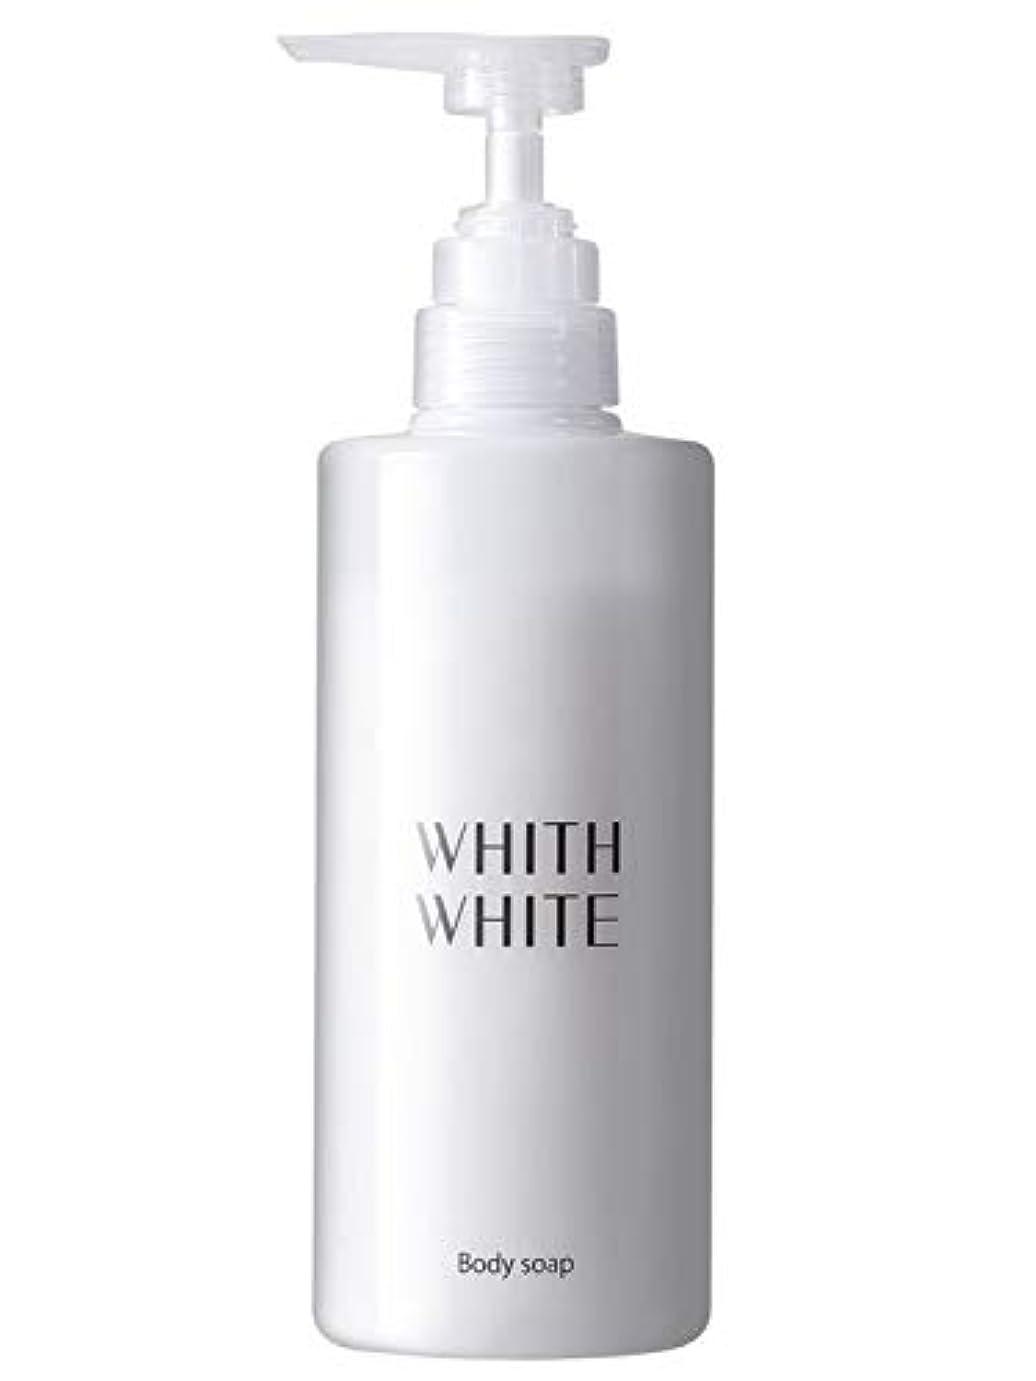 先例宇宙配偶者無添加 ボディソープ フィス ホワイト 【 エレガントフローラルのいい香り 】 保湿 ボディーソープ 「 泡で黒ずみ さっぱり ボディシャンプー 」「 ヒアルロン酸 コラーゲン セラミド 配合」450ml